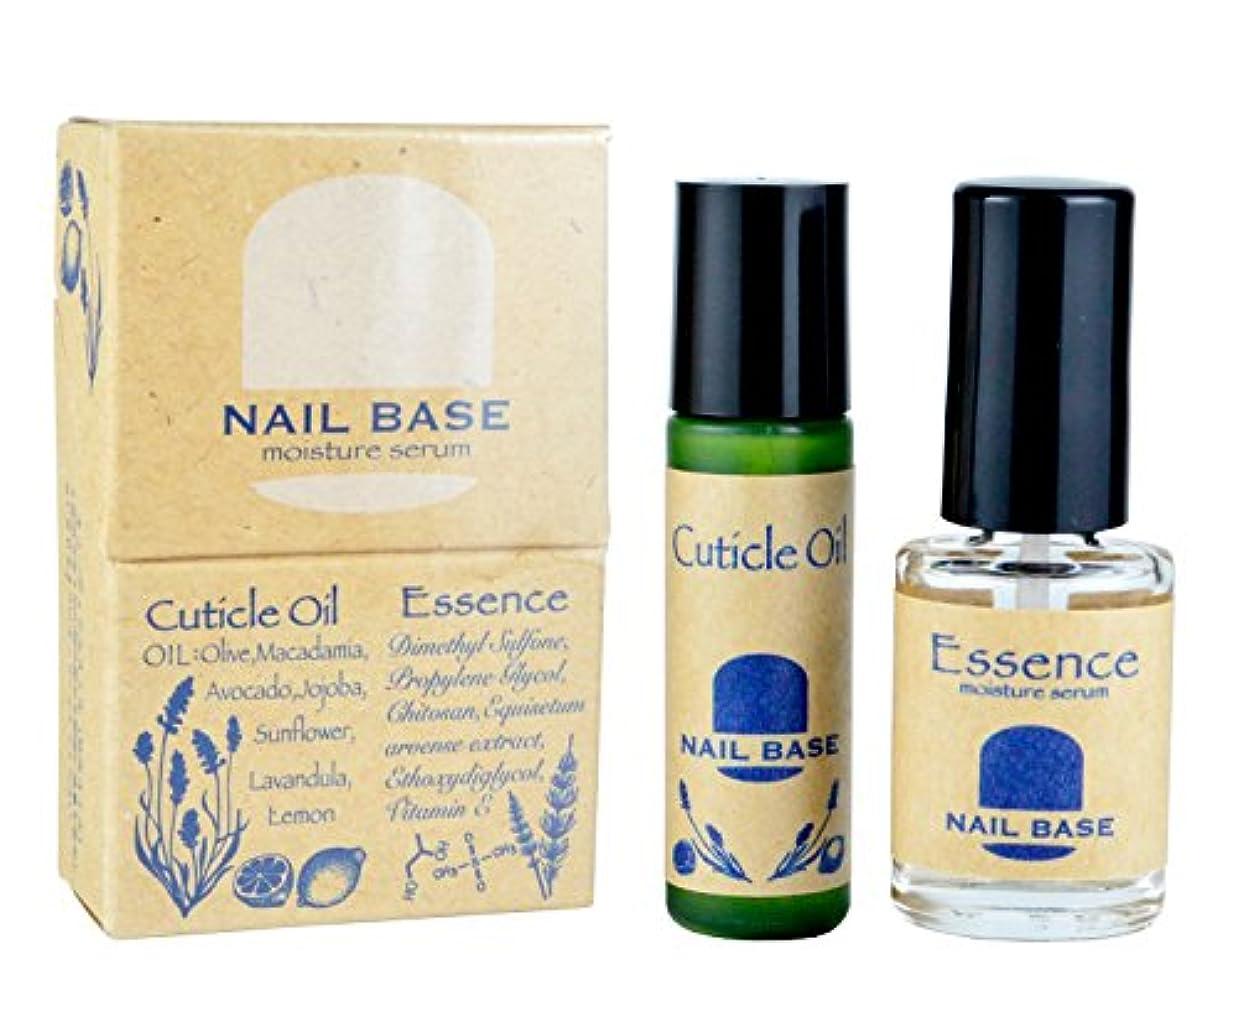 誘う背景粗いNAIL BASE キューティクルオイルと爪の美容液のセット